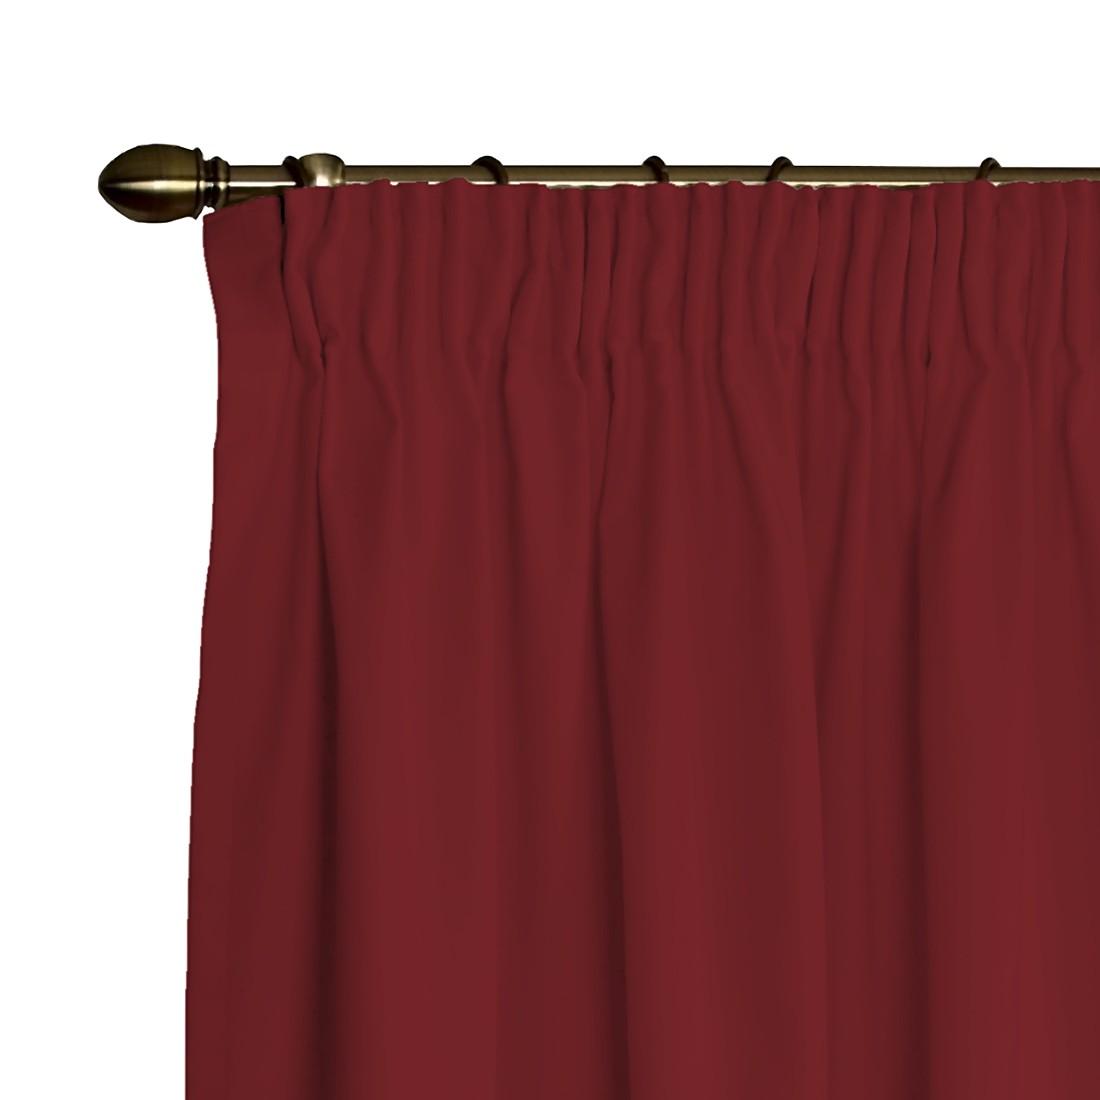 Verdunklungs-Vorhang mit Kräuselband – Burgund – 130×260 cm, Dekoria günstig